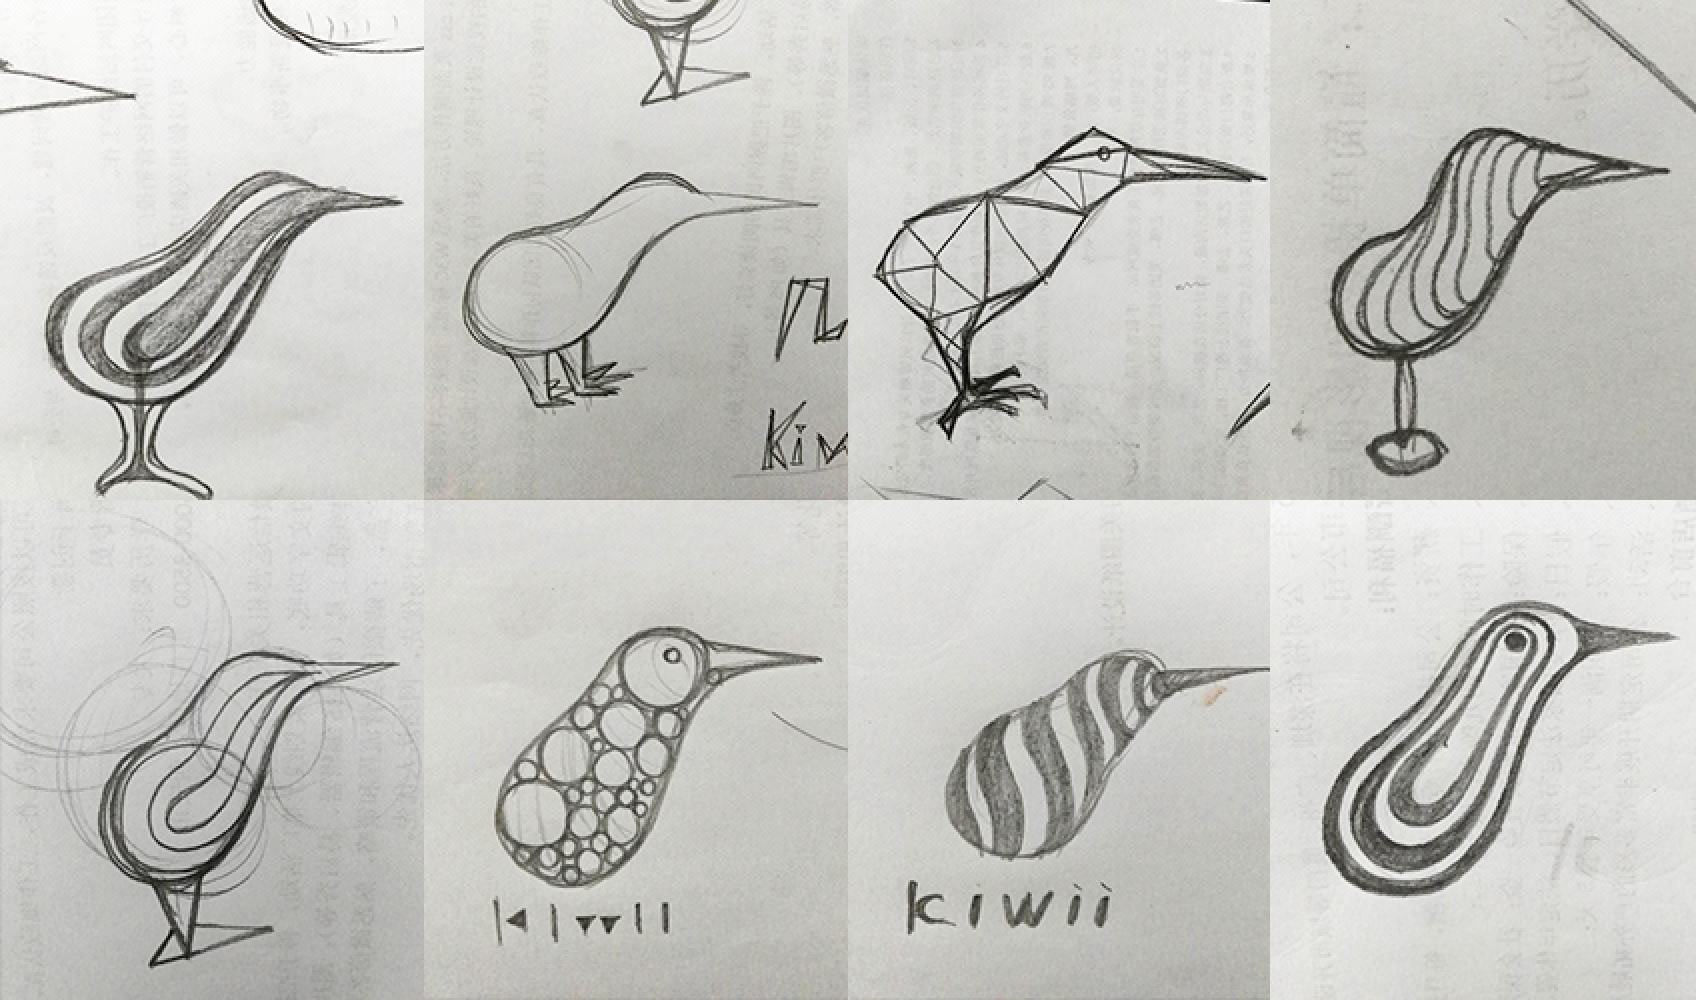 LOGO_字体设计文字logo公司企业品牌标志图标设计19